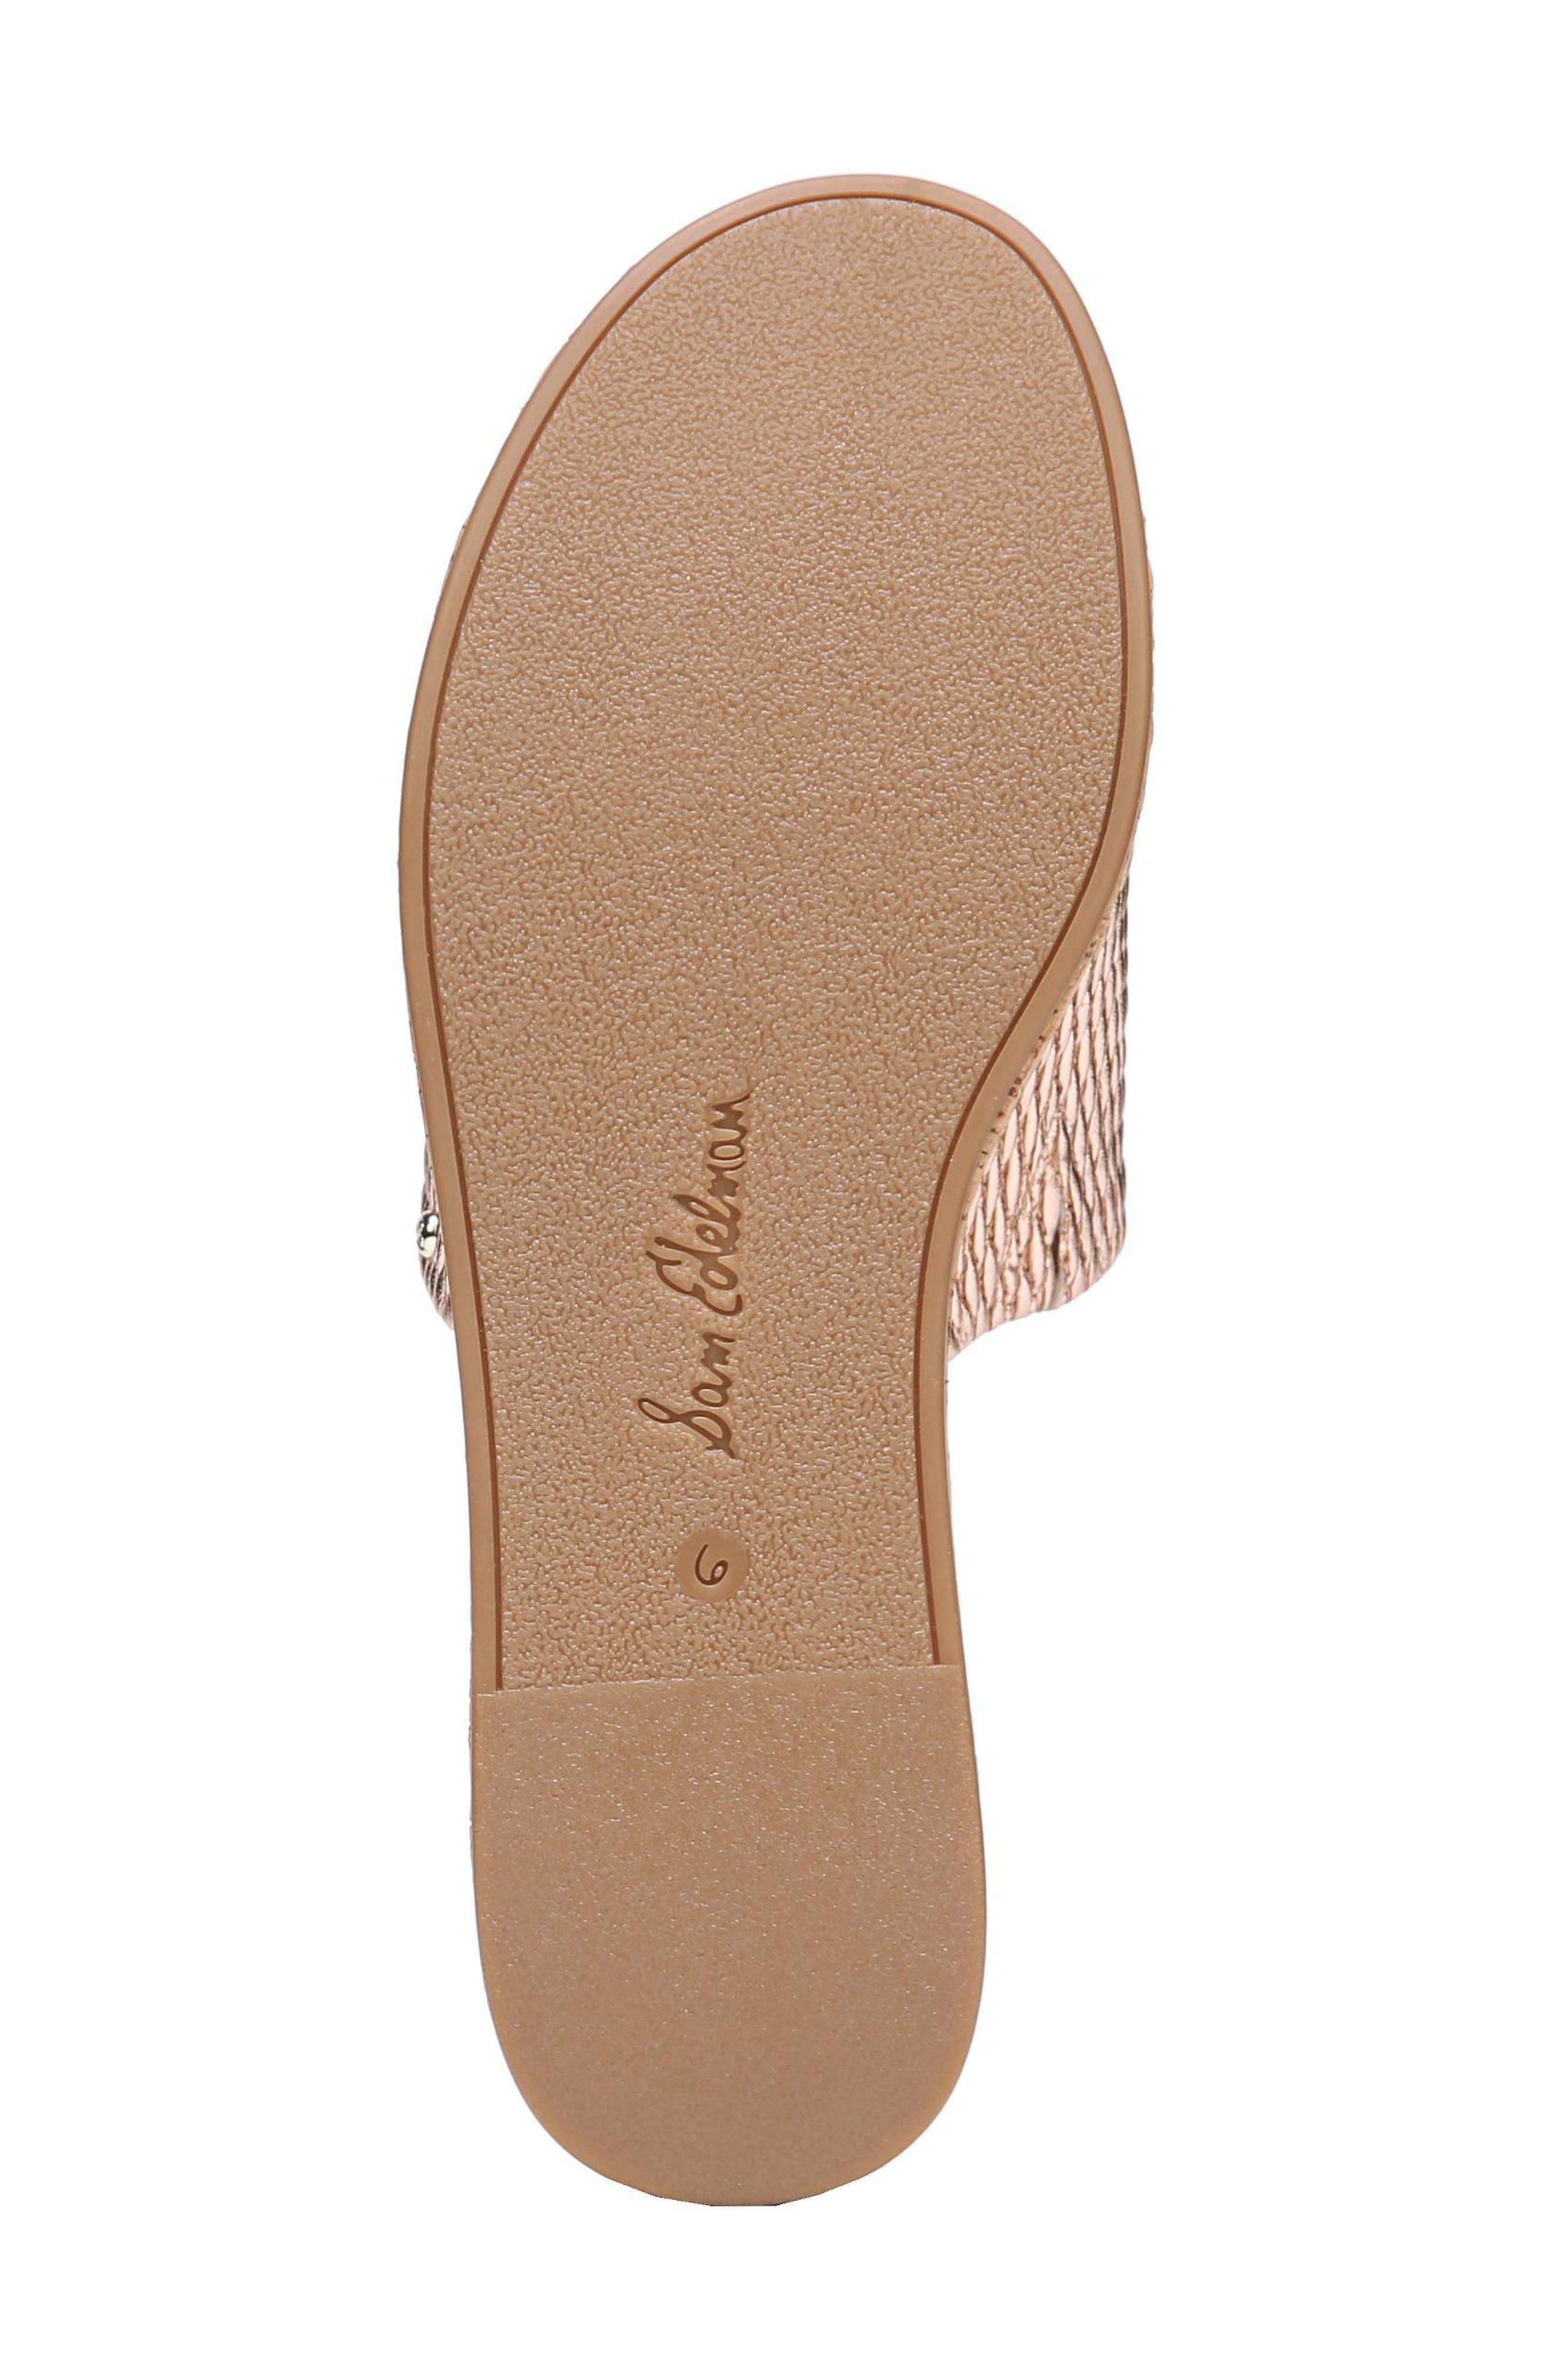 Wendi Platform Slide Sandal,                             Alternate thumbnail 7, color,                             Blush Gold Metallic Fabric